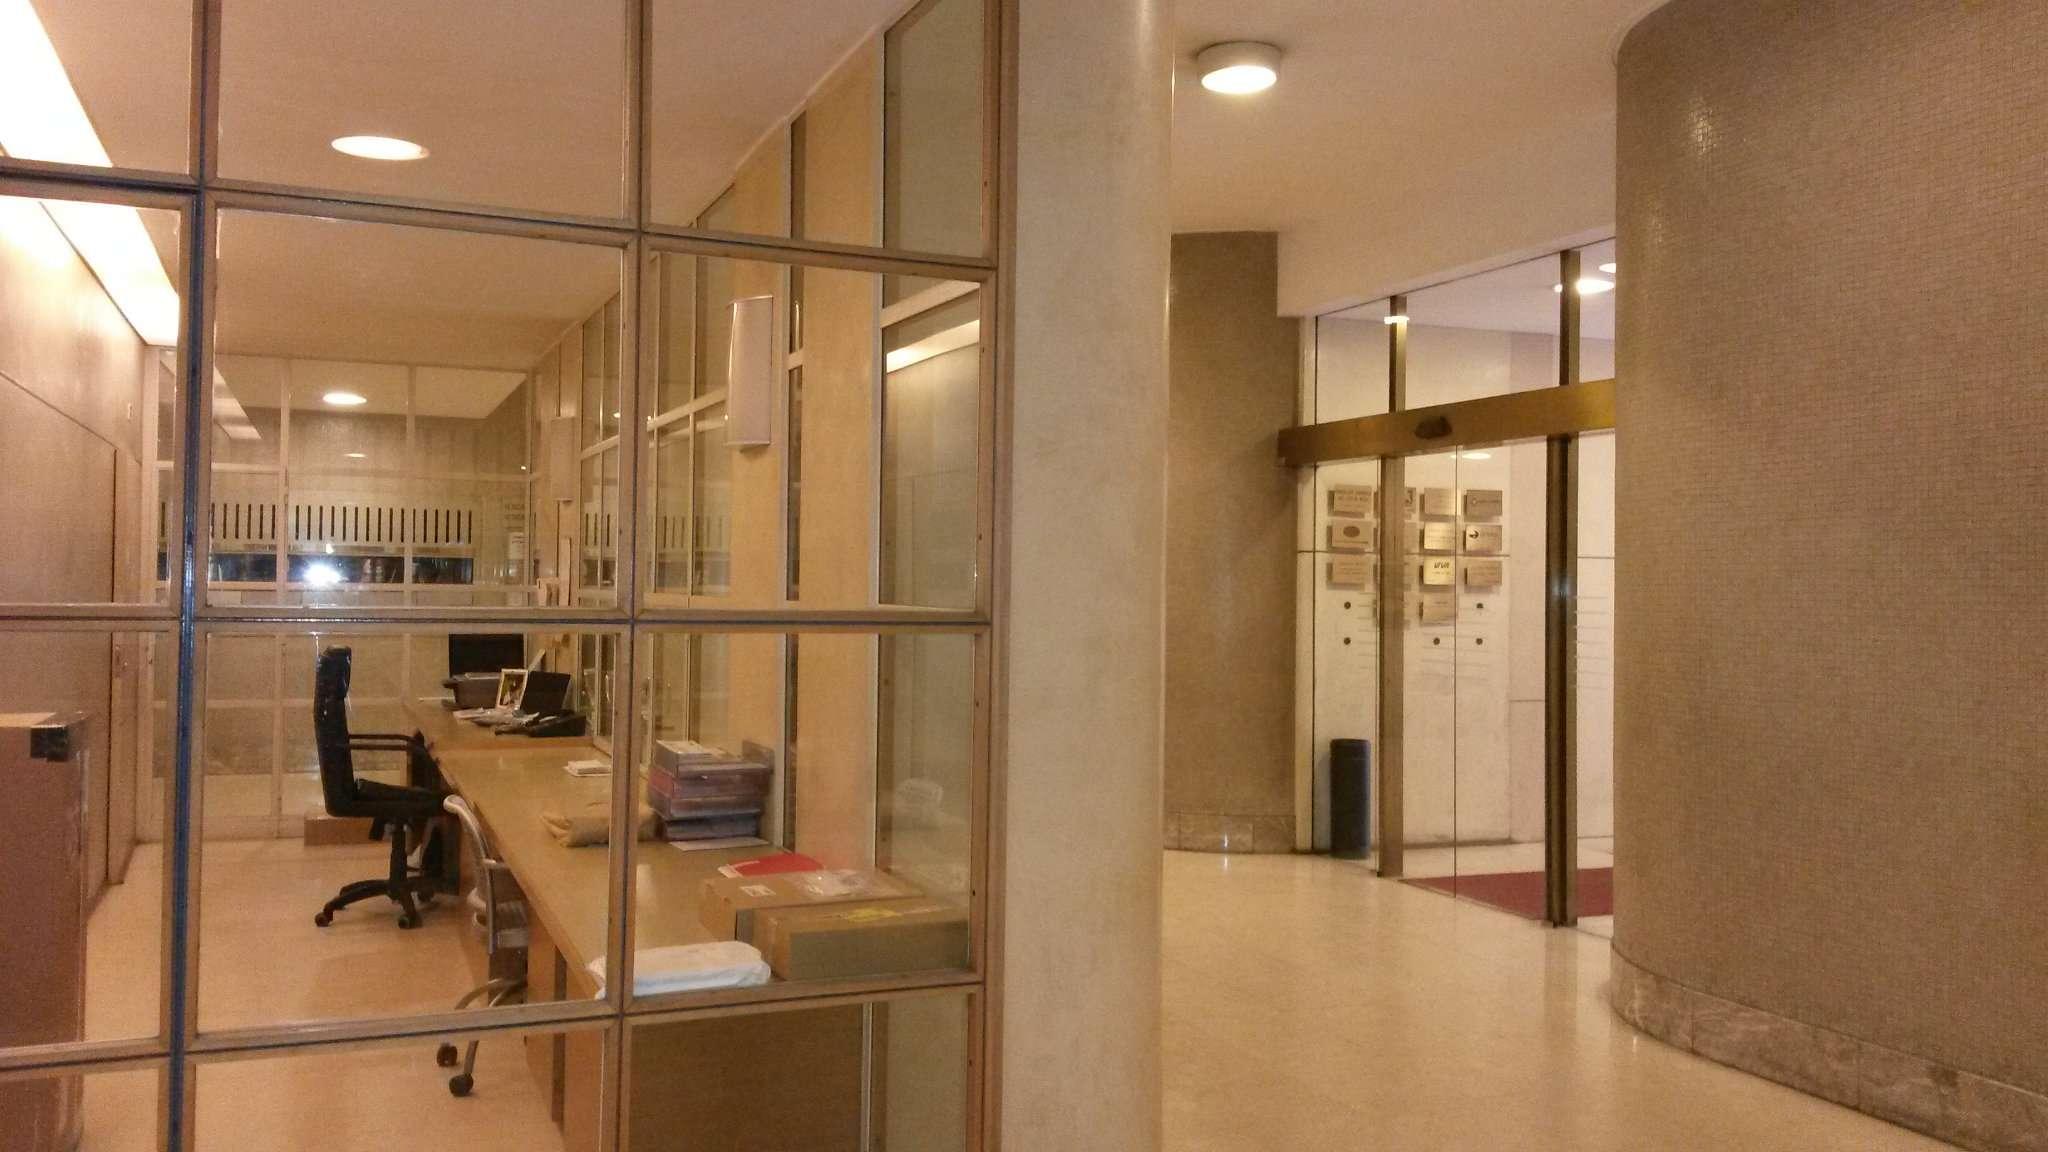 Appartamento in vendita a Milano, 3 locali, zona Zona: 1 . Centro Storico, Duomo, Brera, Cadorna, Cattolica, prezzo € 580.000 | Cambio Casa.it